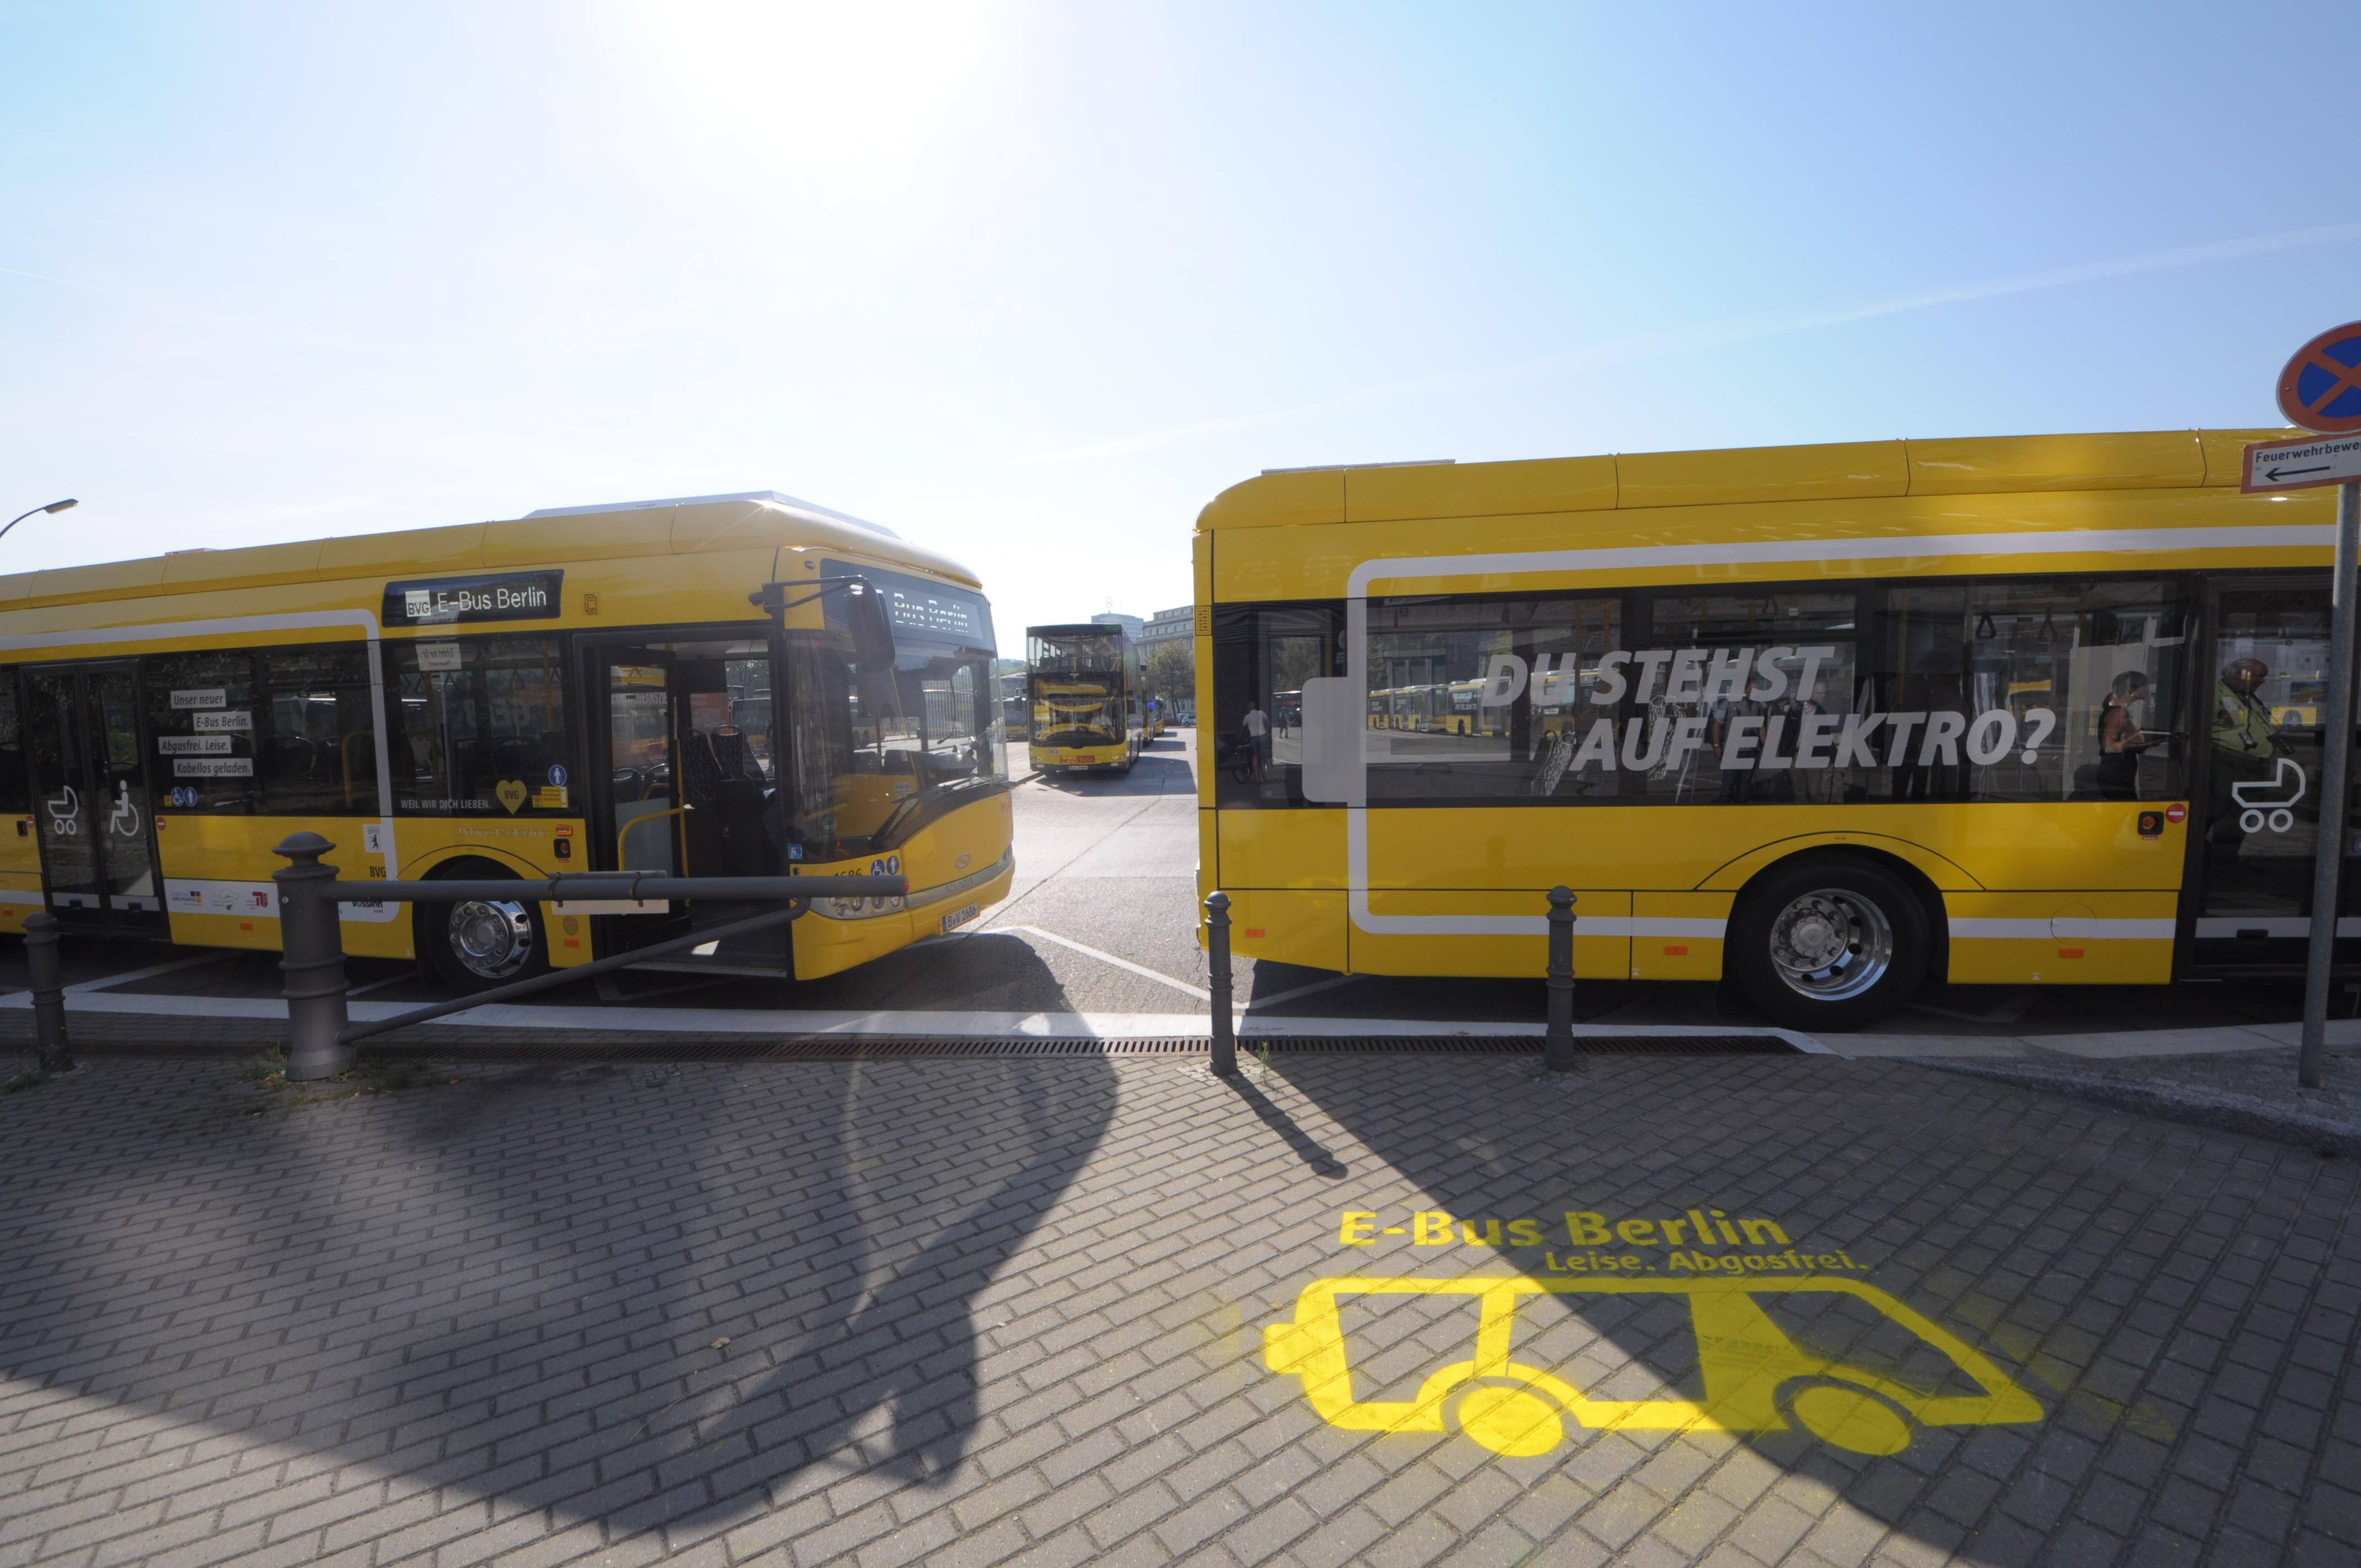 Nahverkehr: Hamburg und Berlin kaufen gemeinsam saubere Busse - ... und Politikerfahrt genutzt. (Foto: Andreas Sebayang/Golem.de)